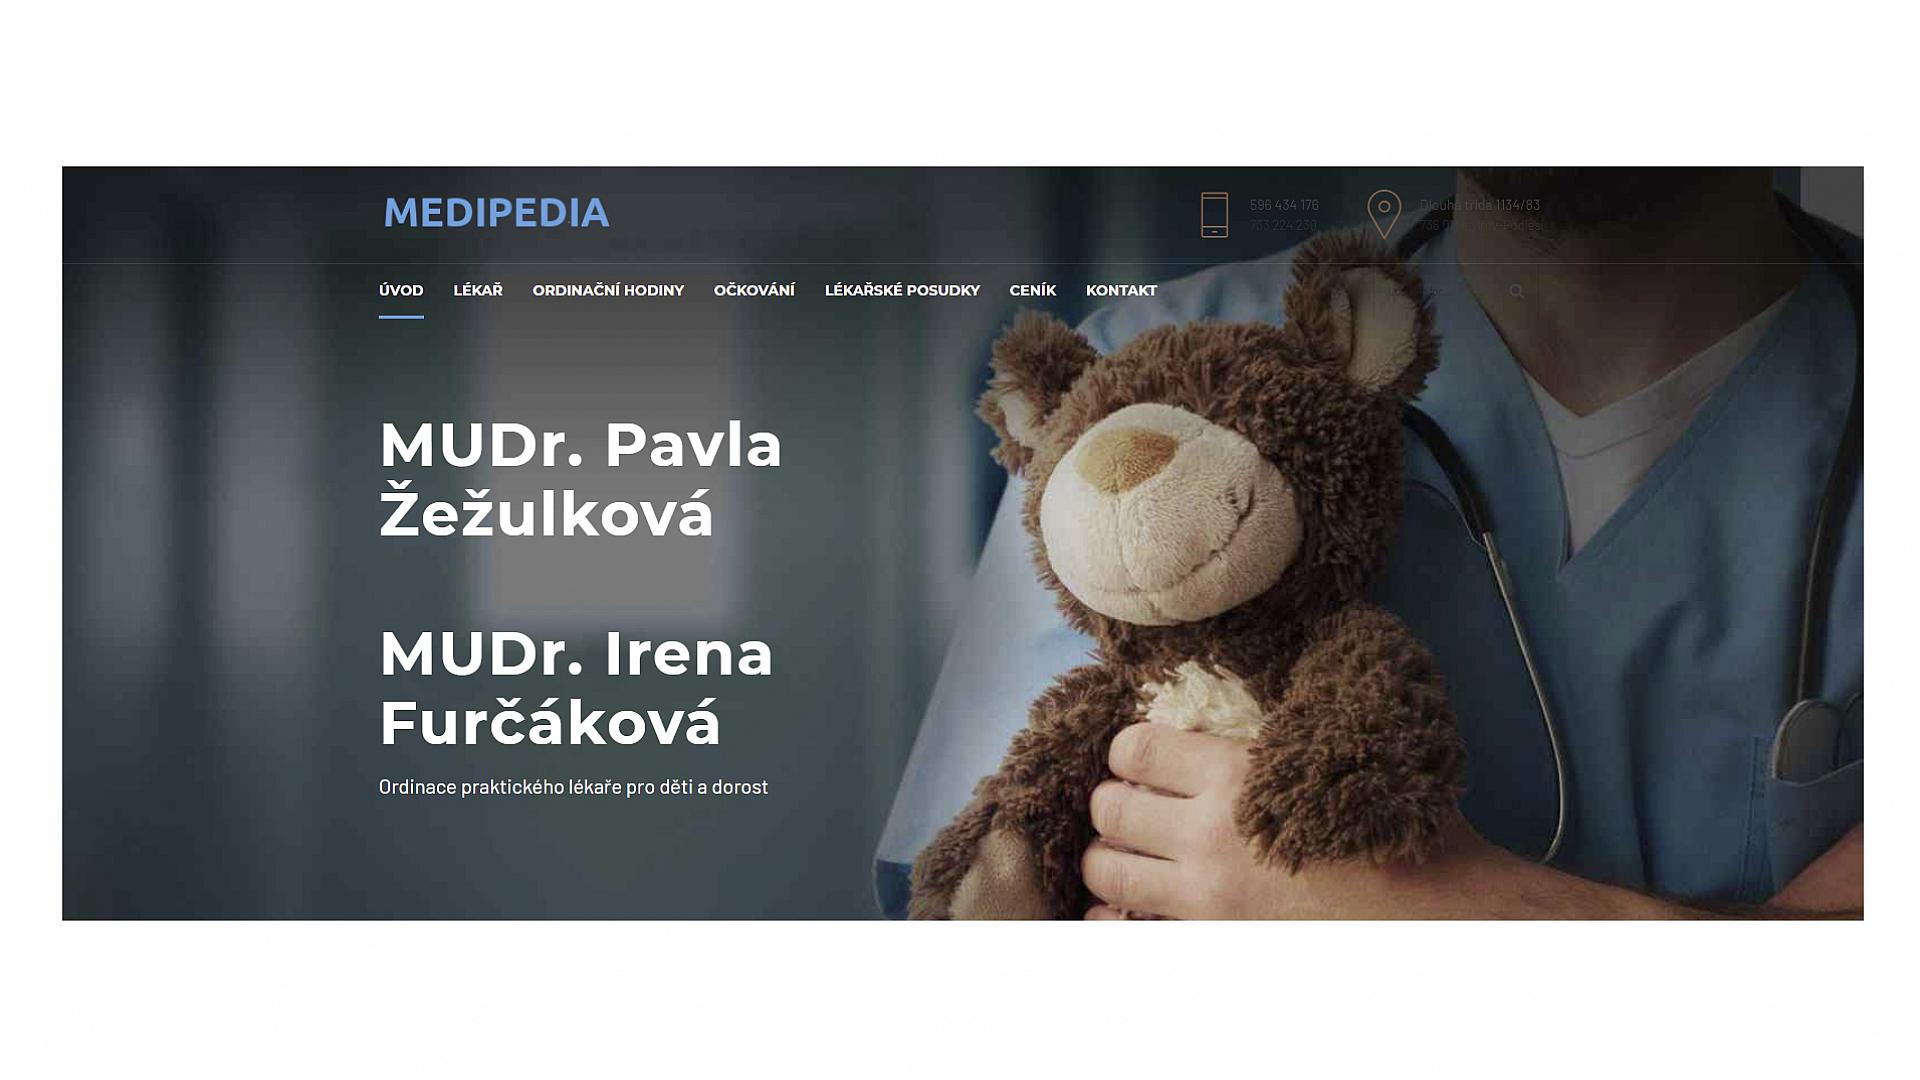 MEDIPEDIA - MEDIPEDIA